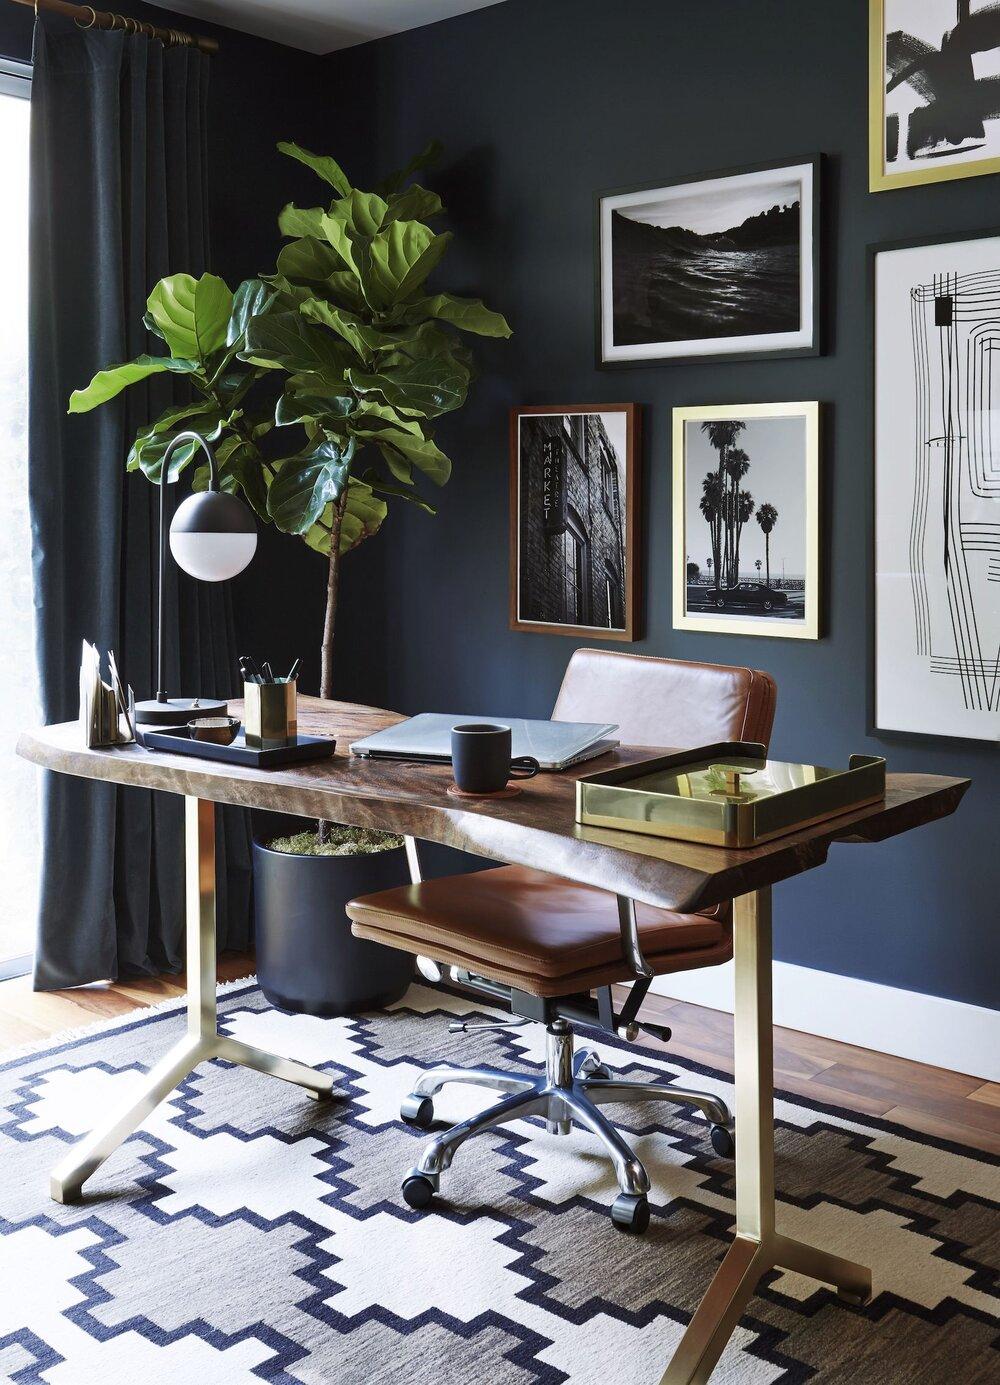 emily-henderson-home-office-dark-modern-masculine-2-1495654077.jpg